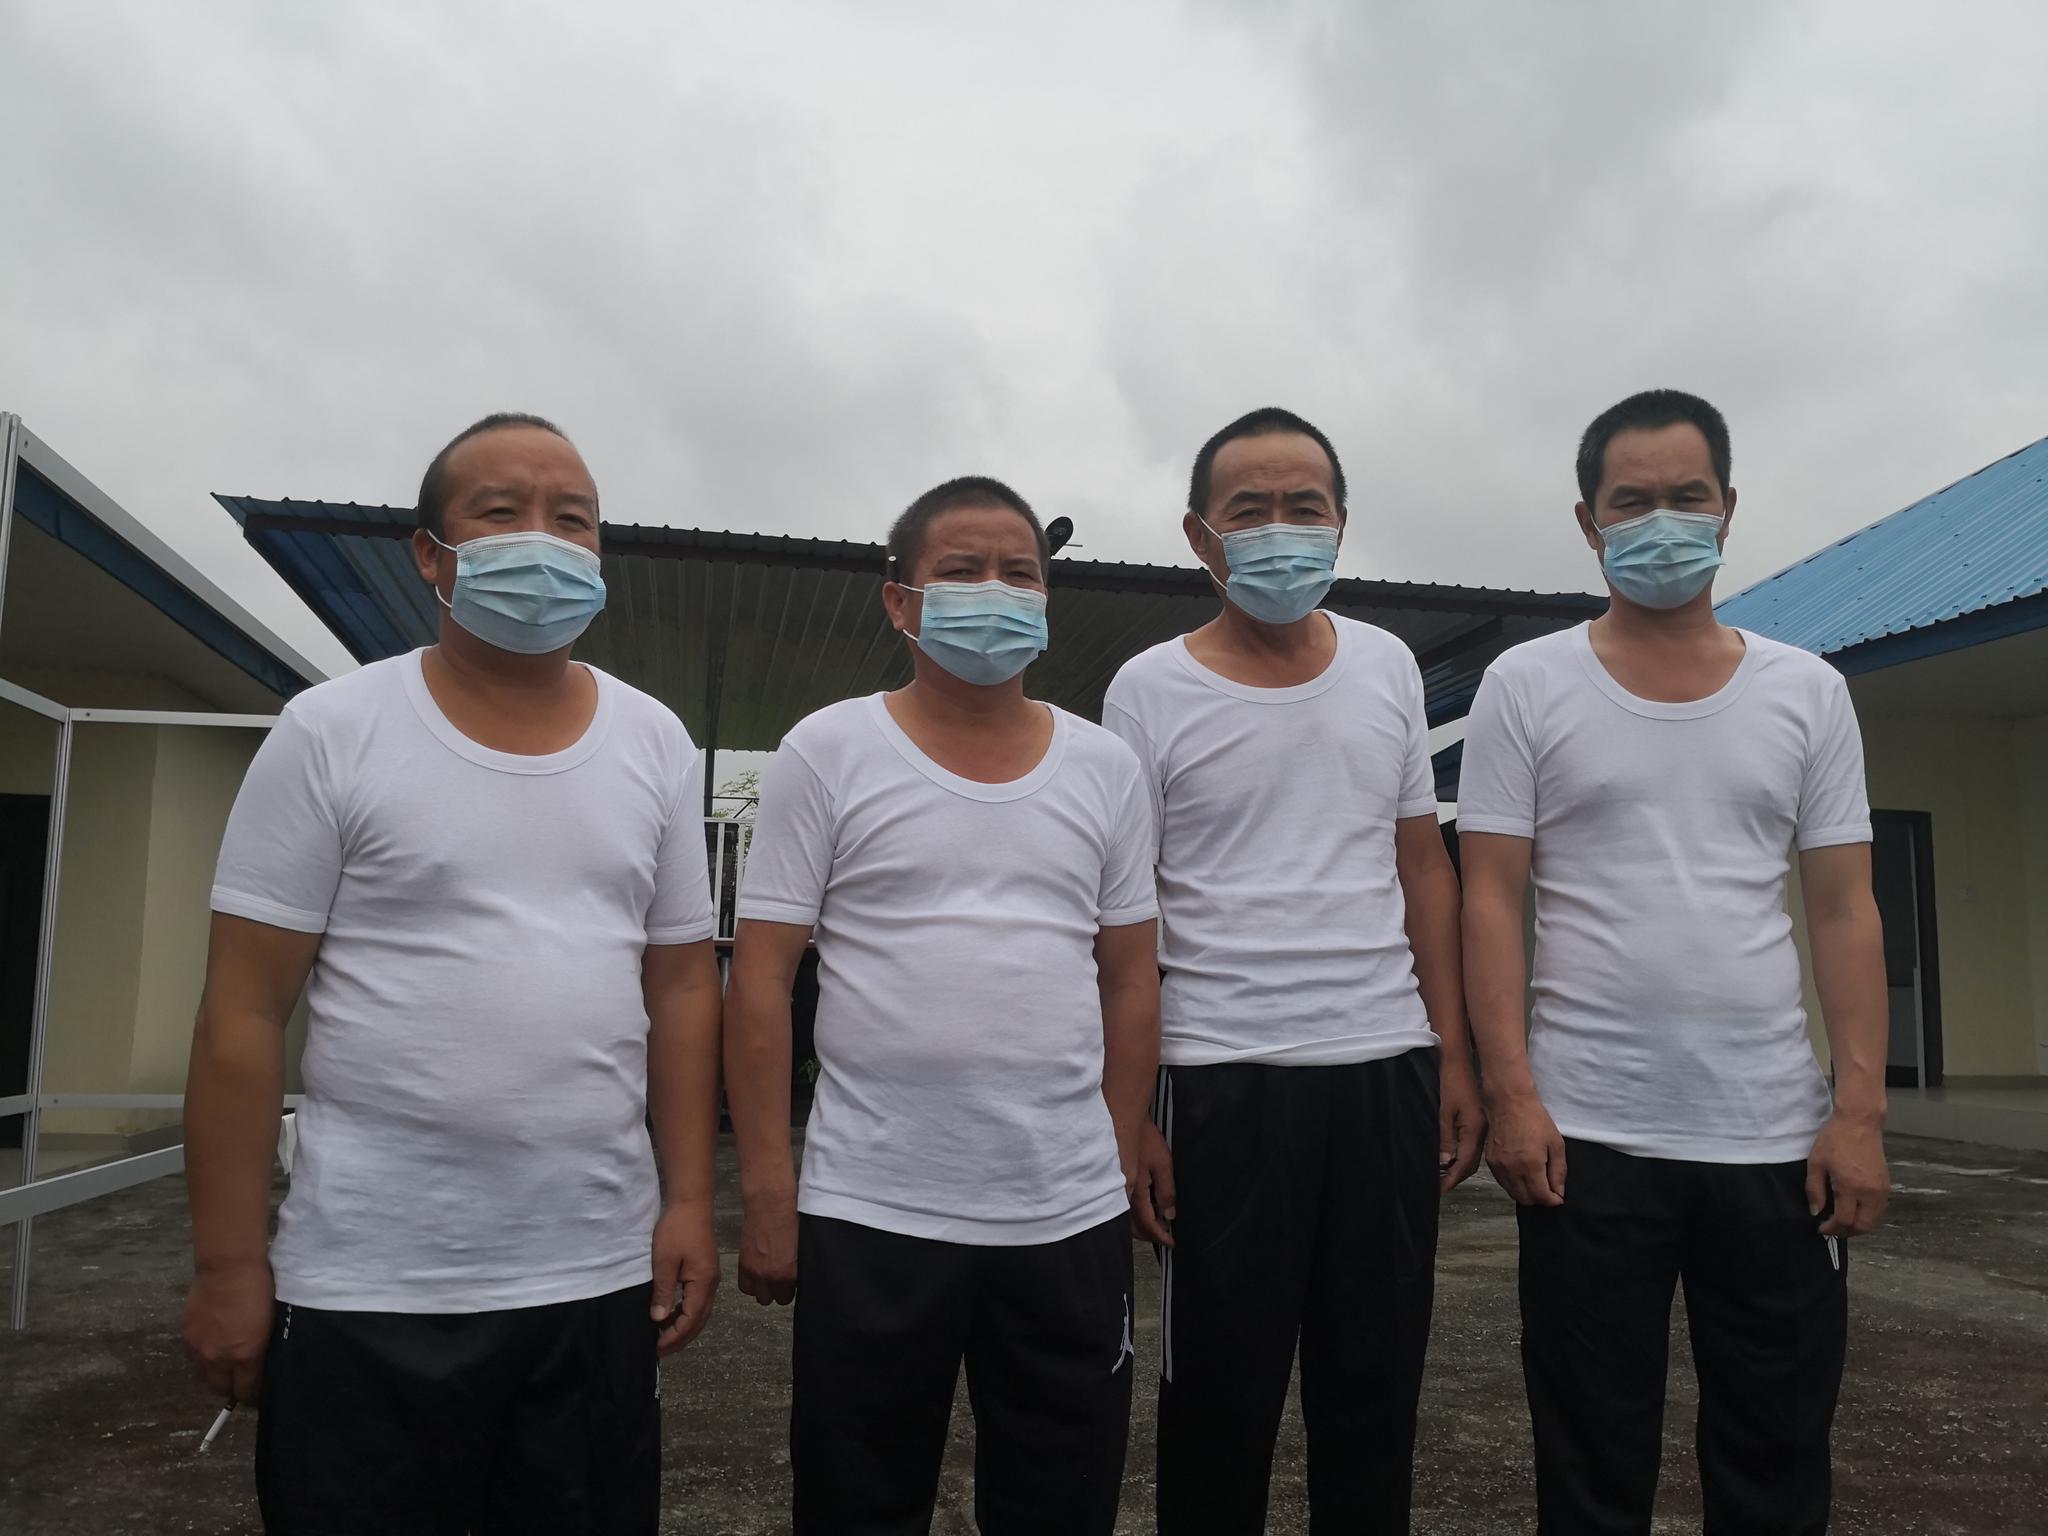 尼日利亚4名遭绑架中国公民成功获救